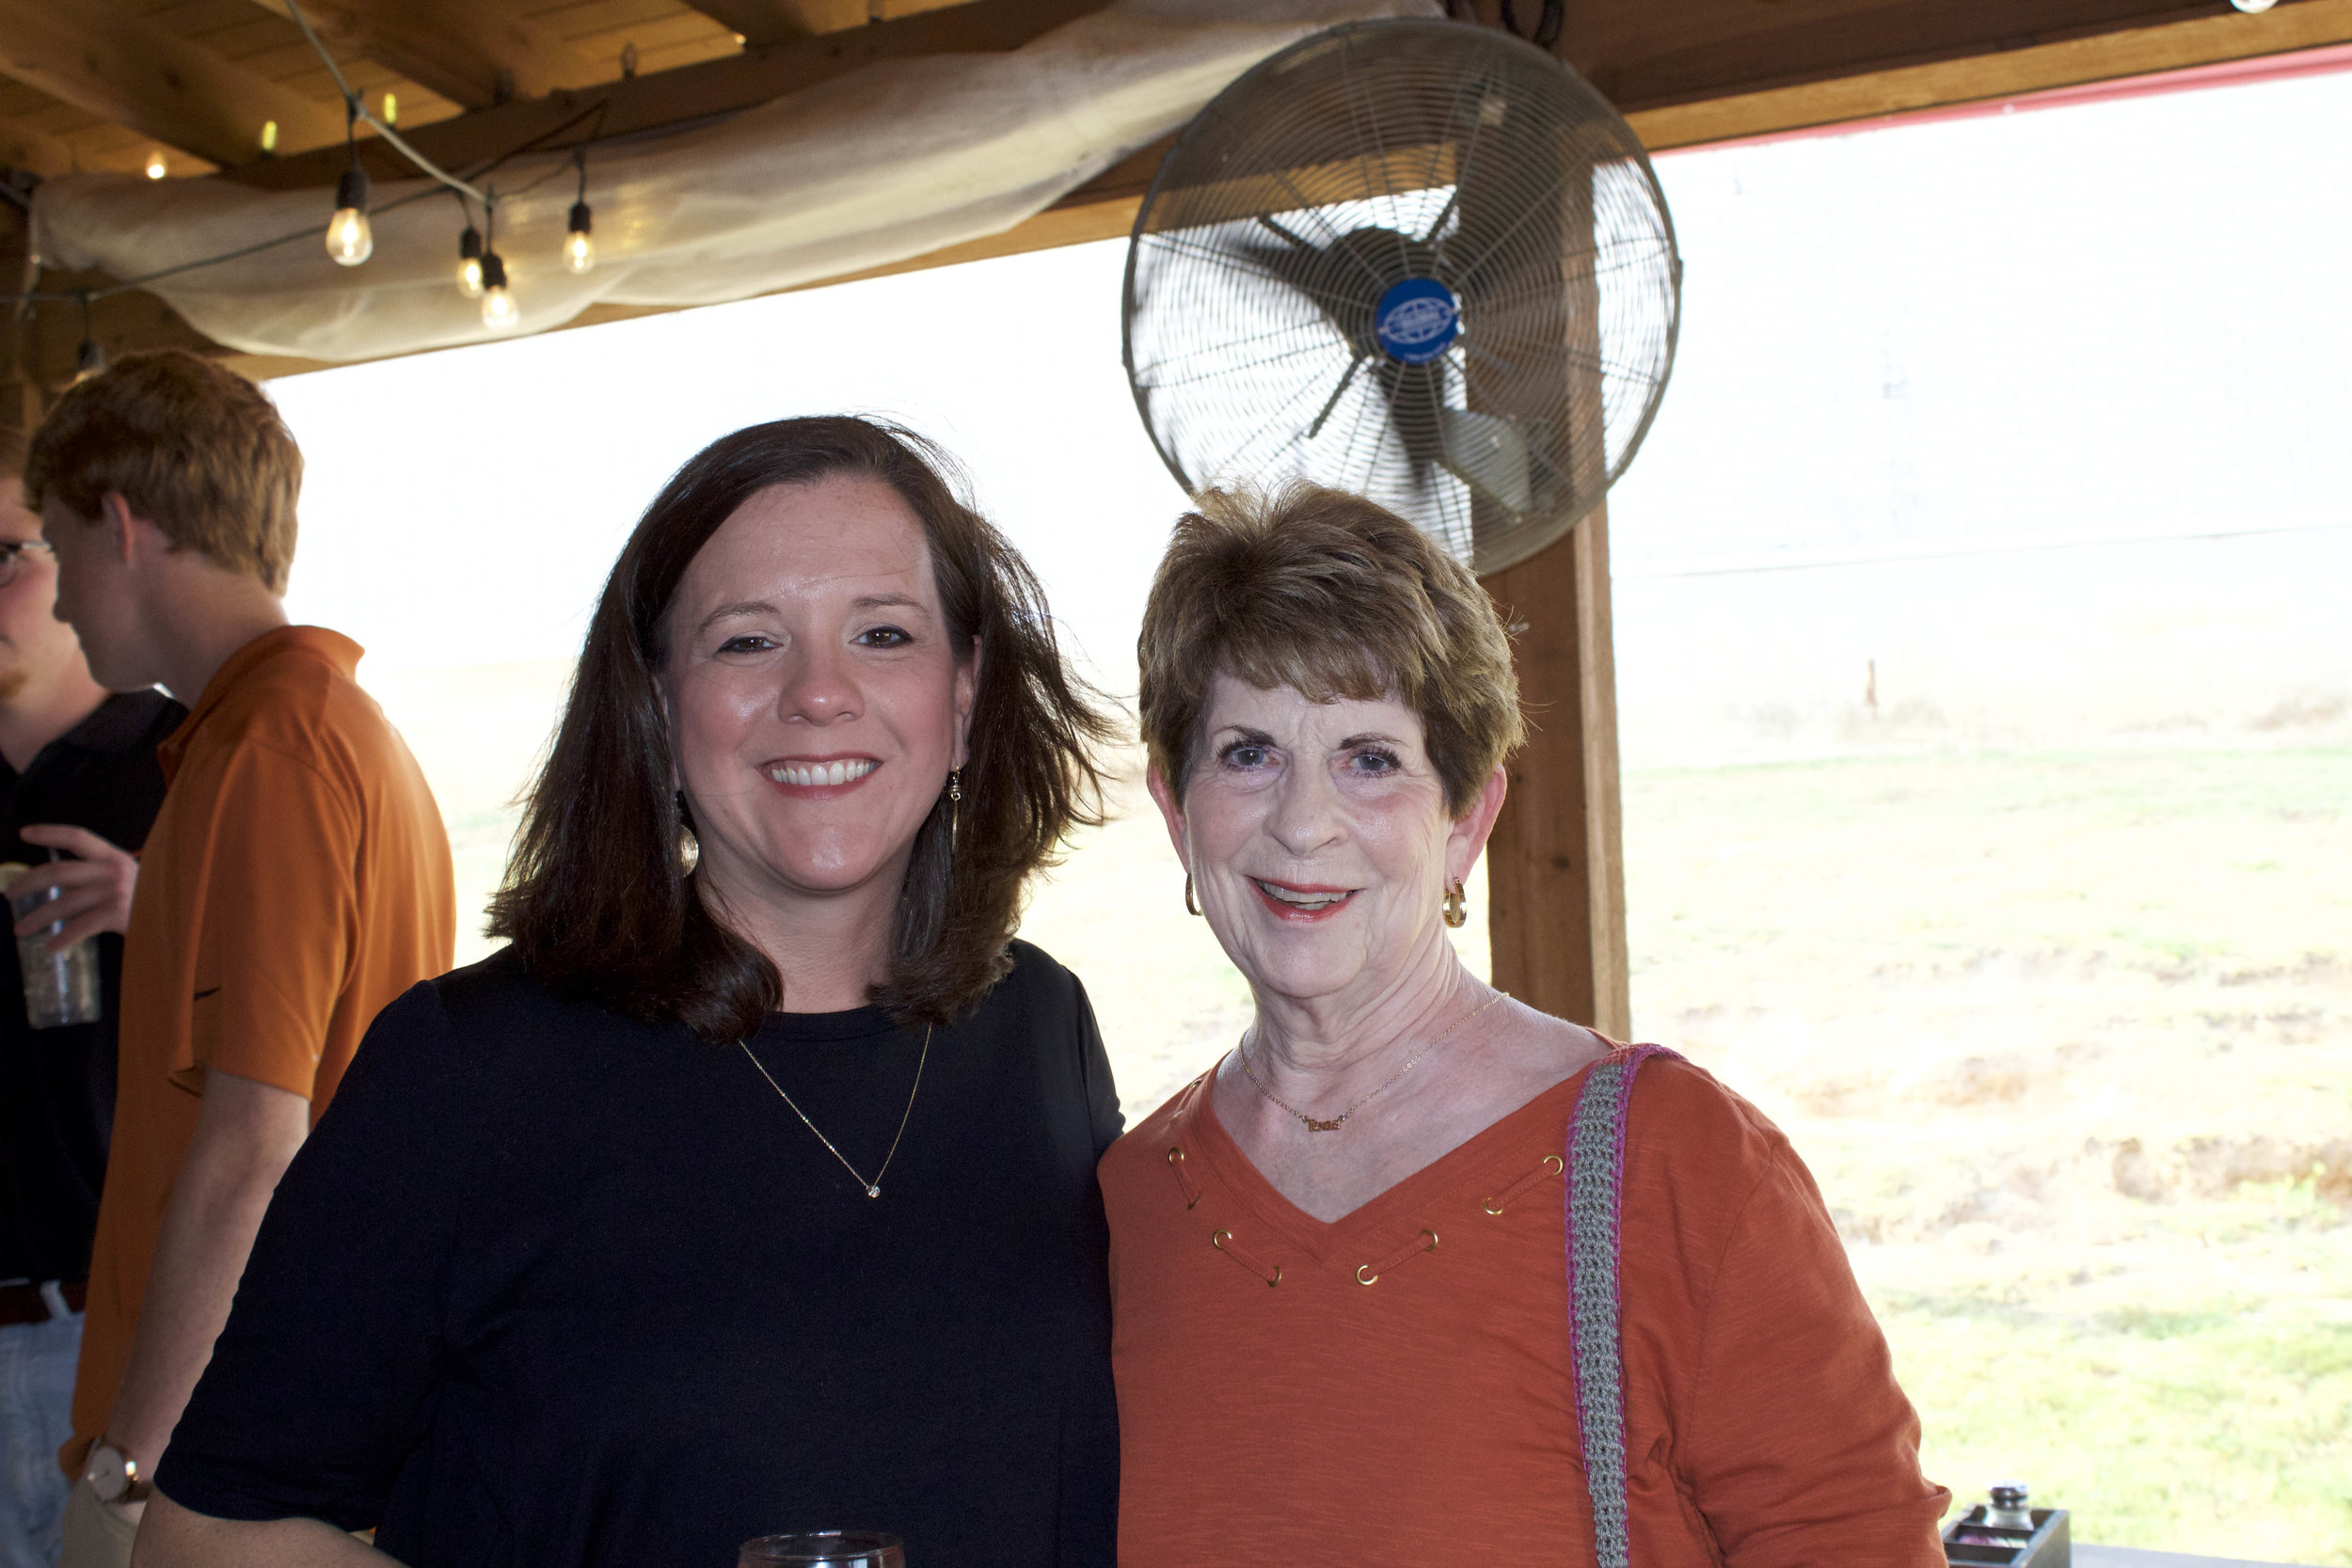 Anna Marie Hornsby and Suzy Heath